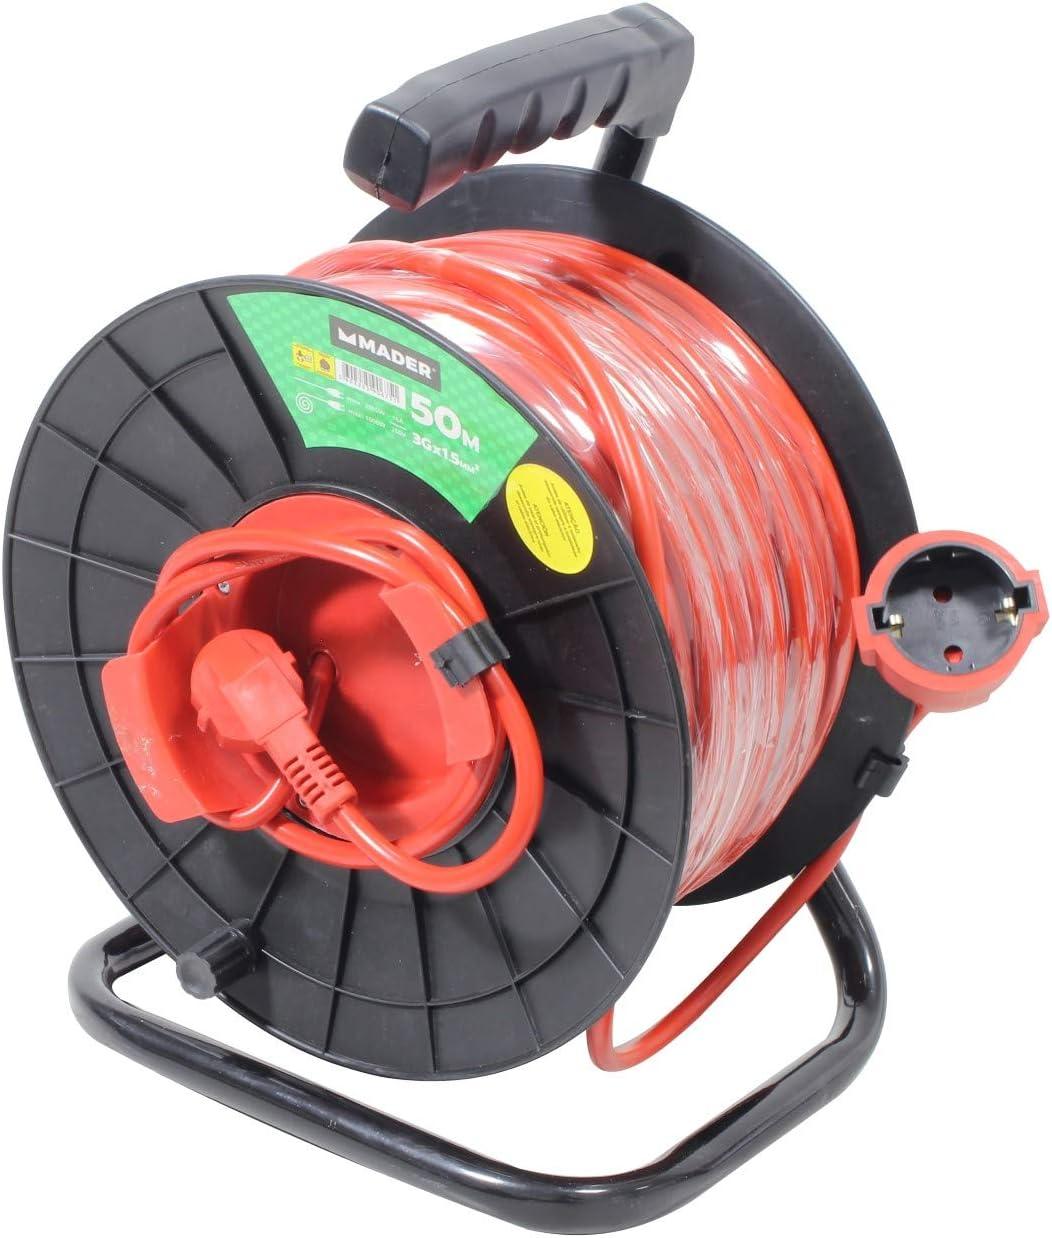 Mader Garden Tools 90675 Prolongador Cord/ón El/éctrico Exterior Enrollacable 50mx1.5mm2-90675